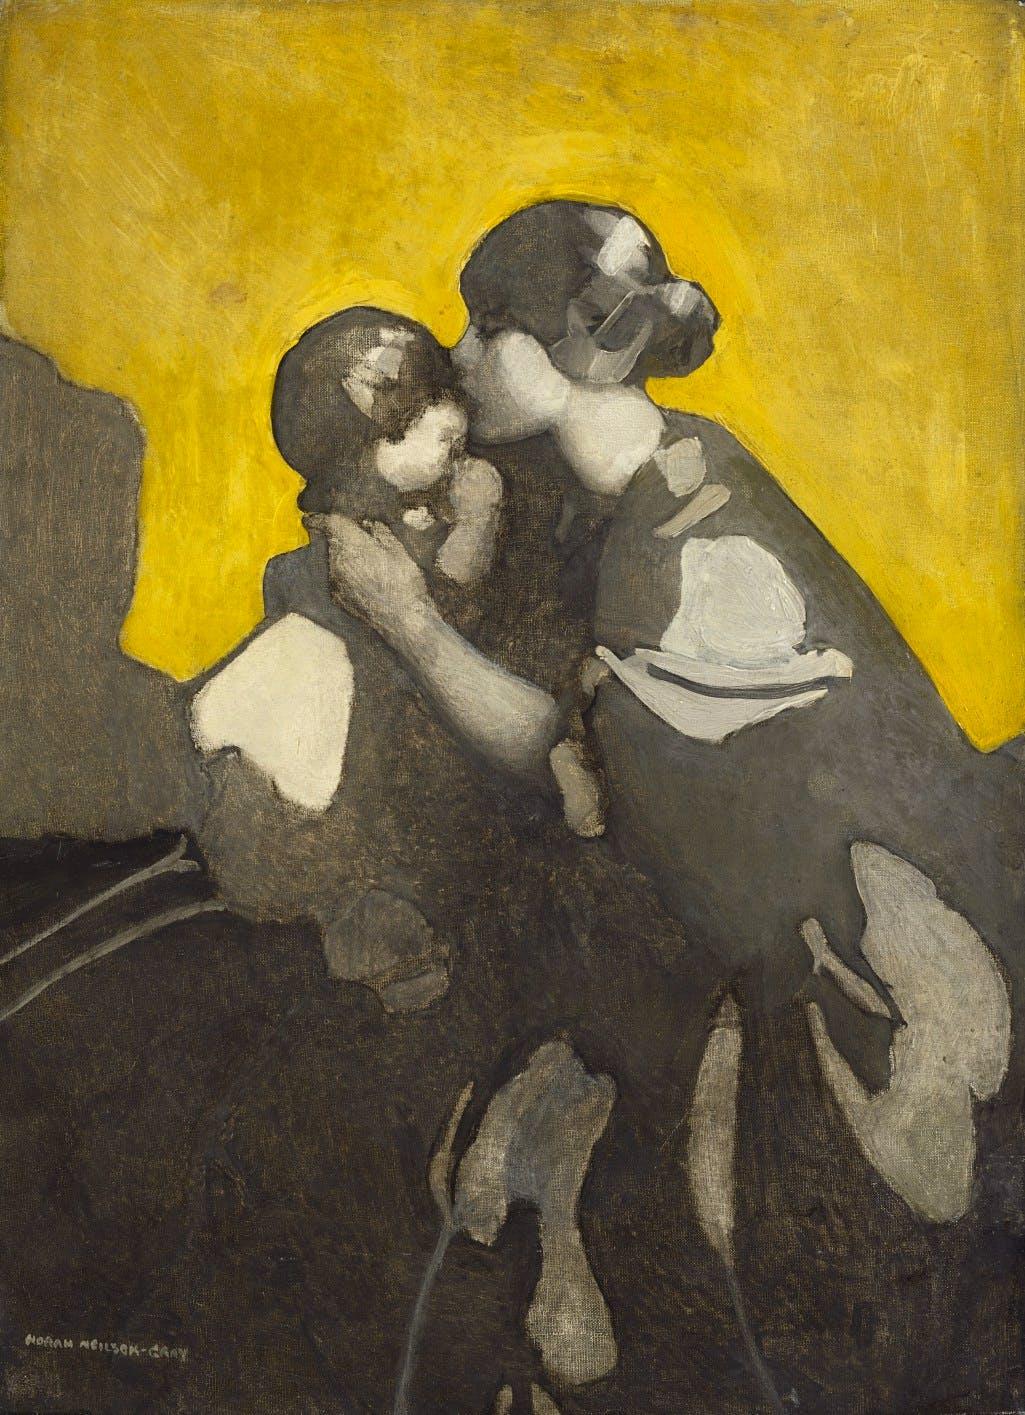 (c. 1920s), Norah Neilson